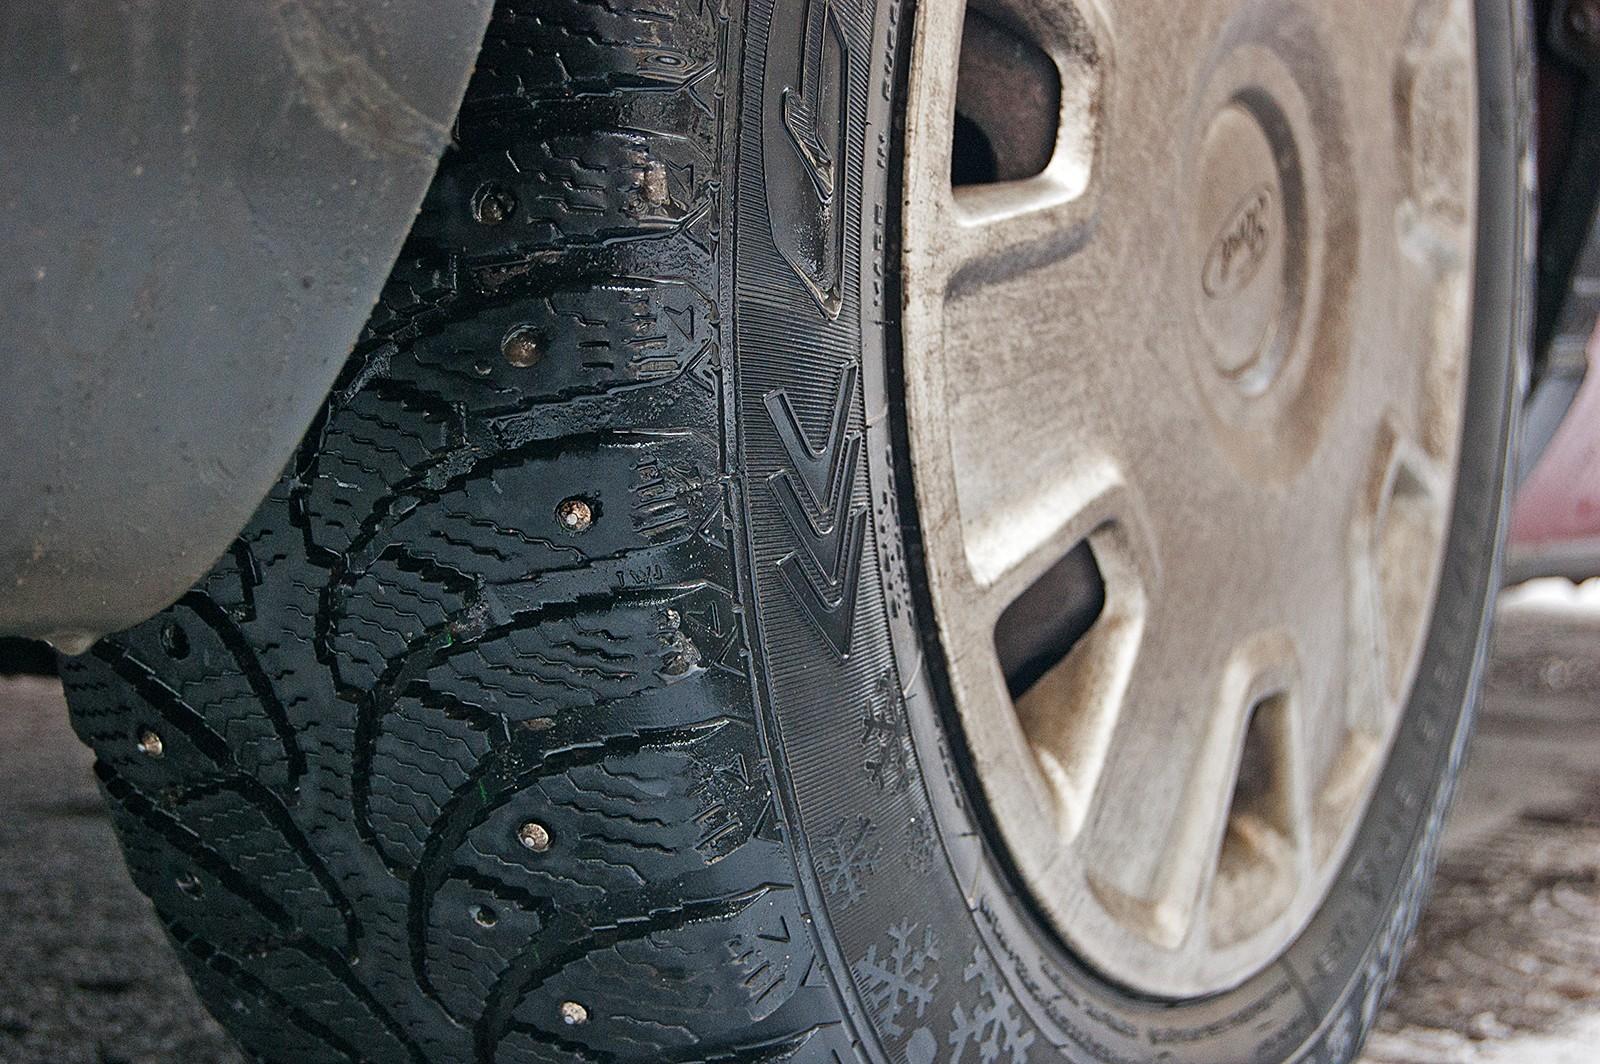 Дошиповка облысевших зимних шин: бессмысленно и опасно. Или нет?